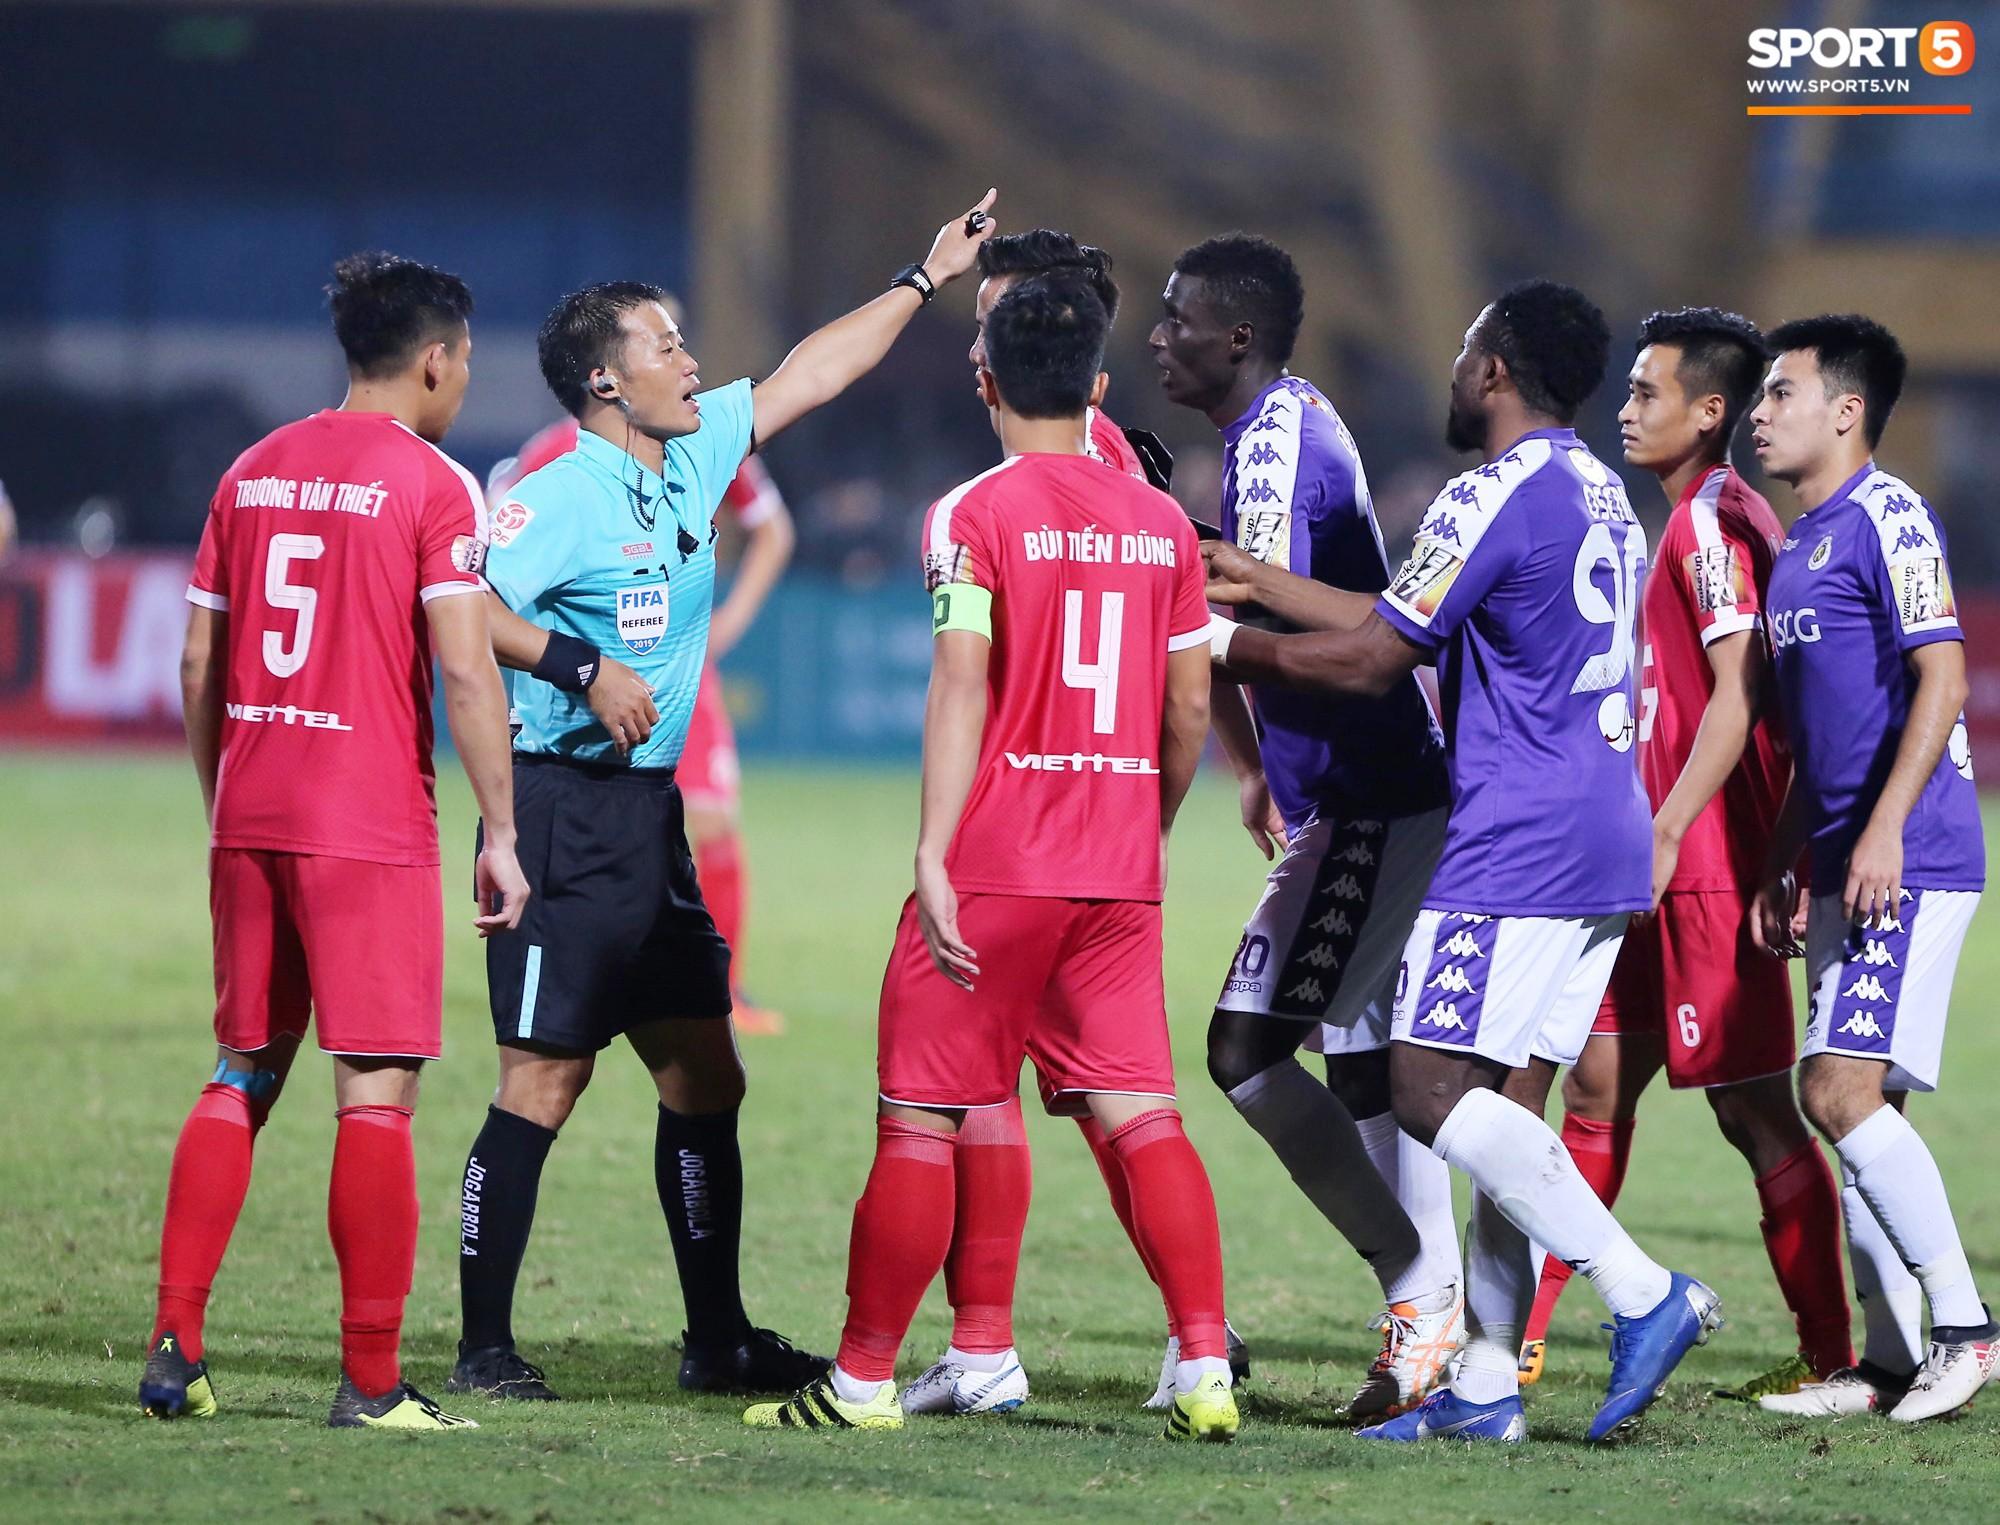 Mắc lỗi ngớ ngẩn trong trận Viettel vs Hà Nội, trọng tài cấp FIFA bị đình chỉ-2